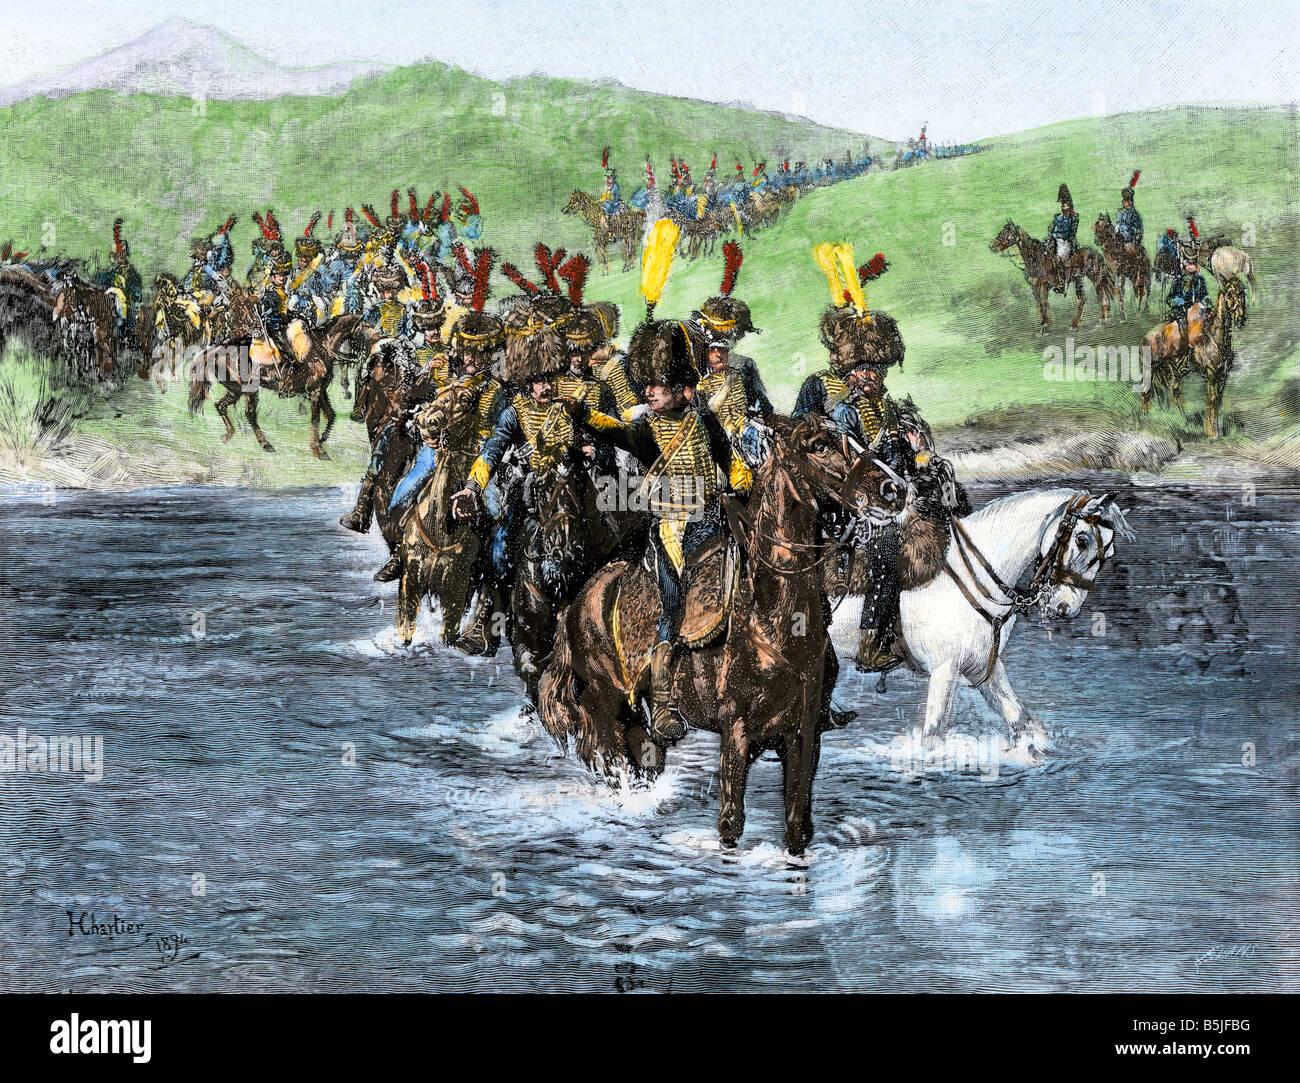 Caballería francesa vadear un río durante su invasión de España Guerras Napoleónicas. Mano de color halftone de ilustración. Foto de stock